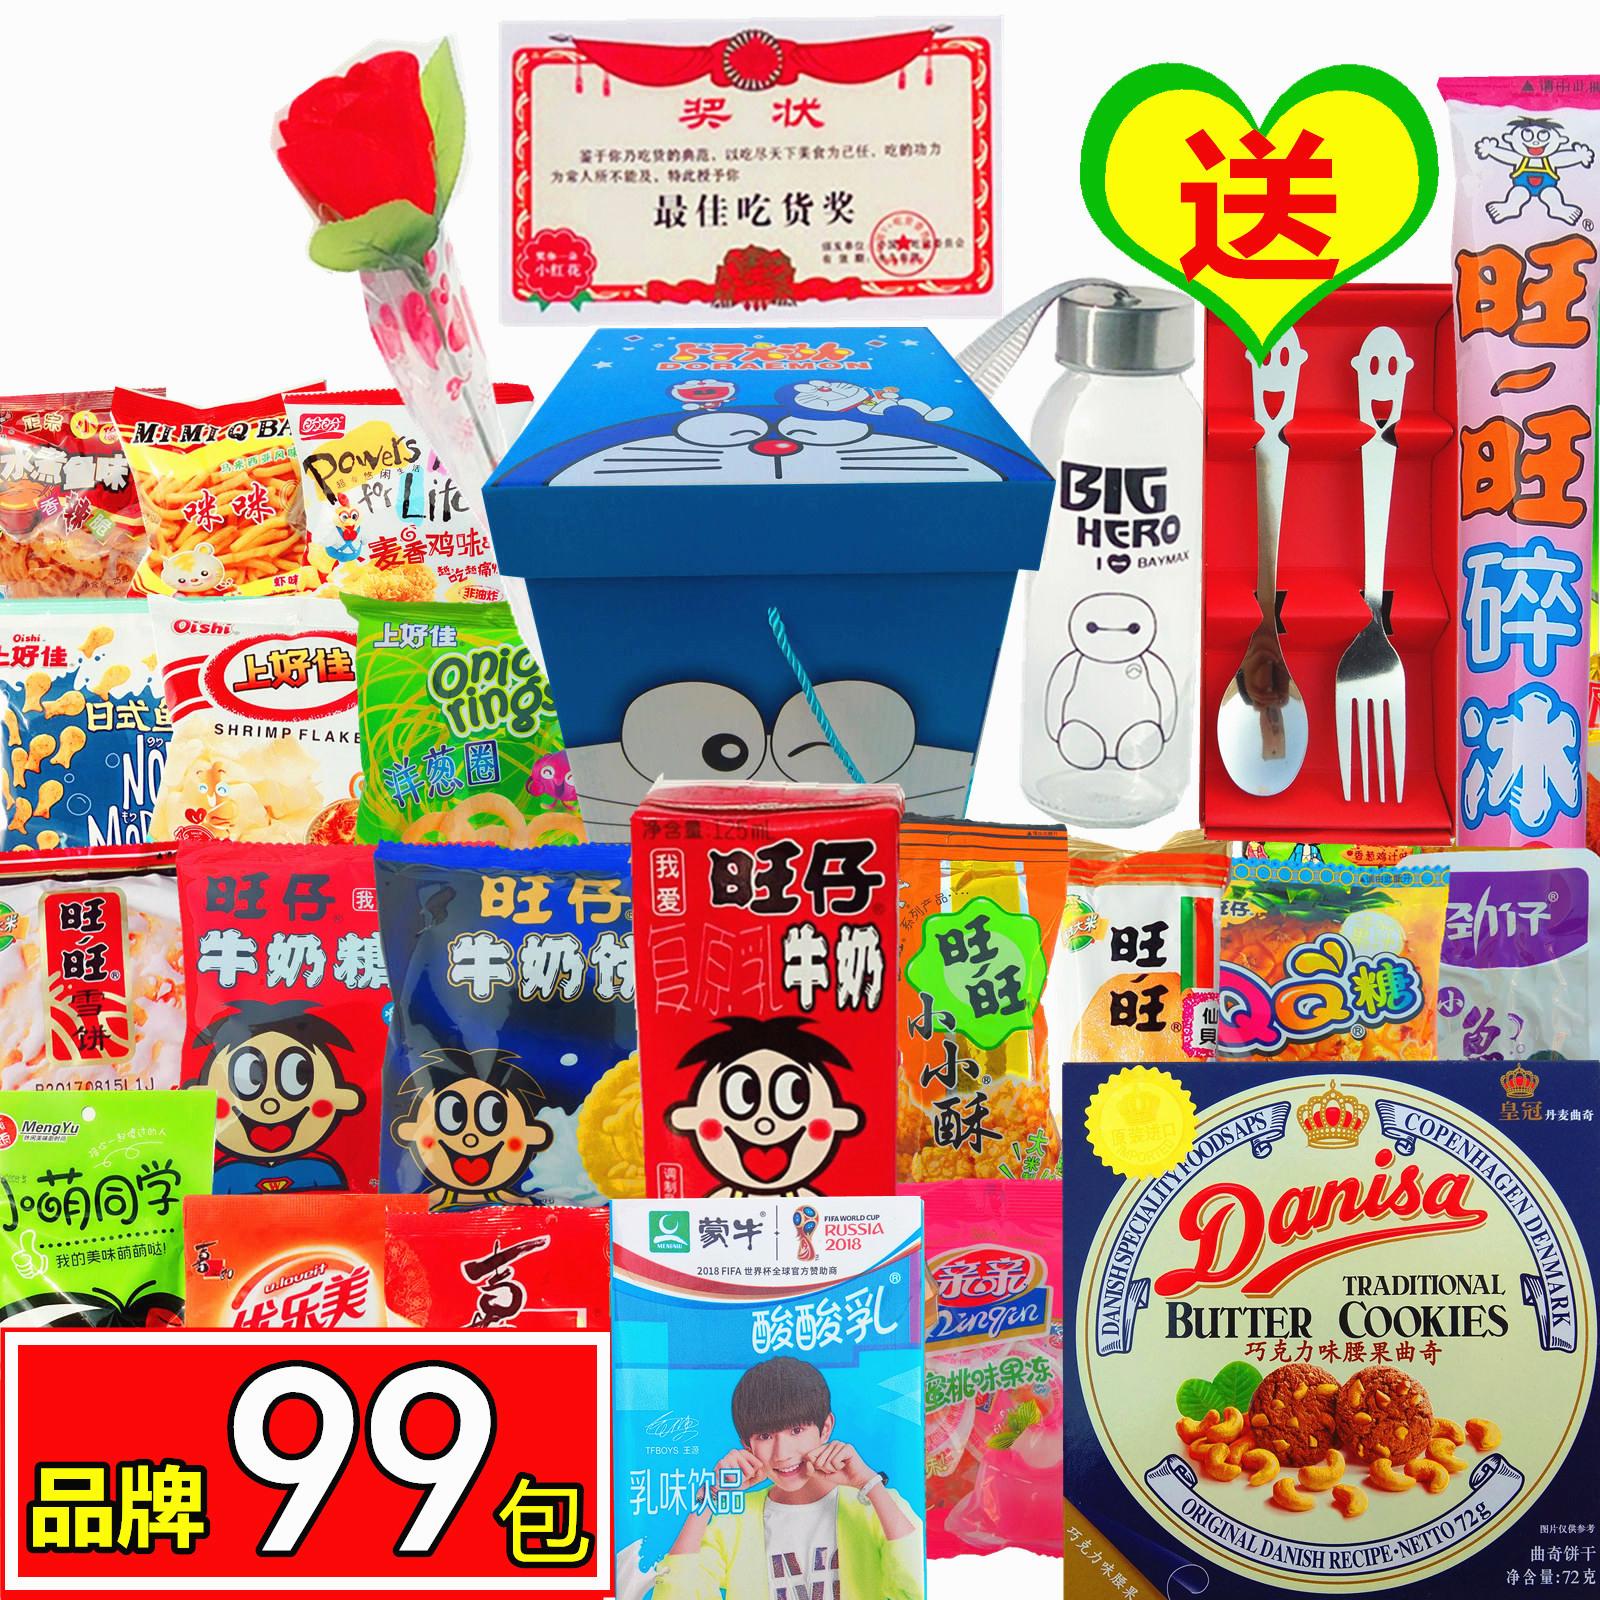 零食大礼包一箱送男女朋友儿童生日礼物整箱礼品混装吃的组合吃货